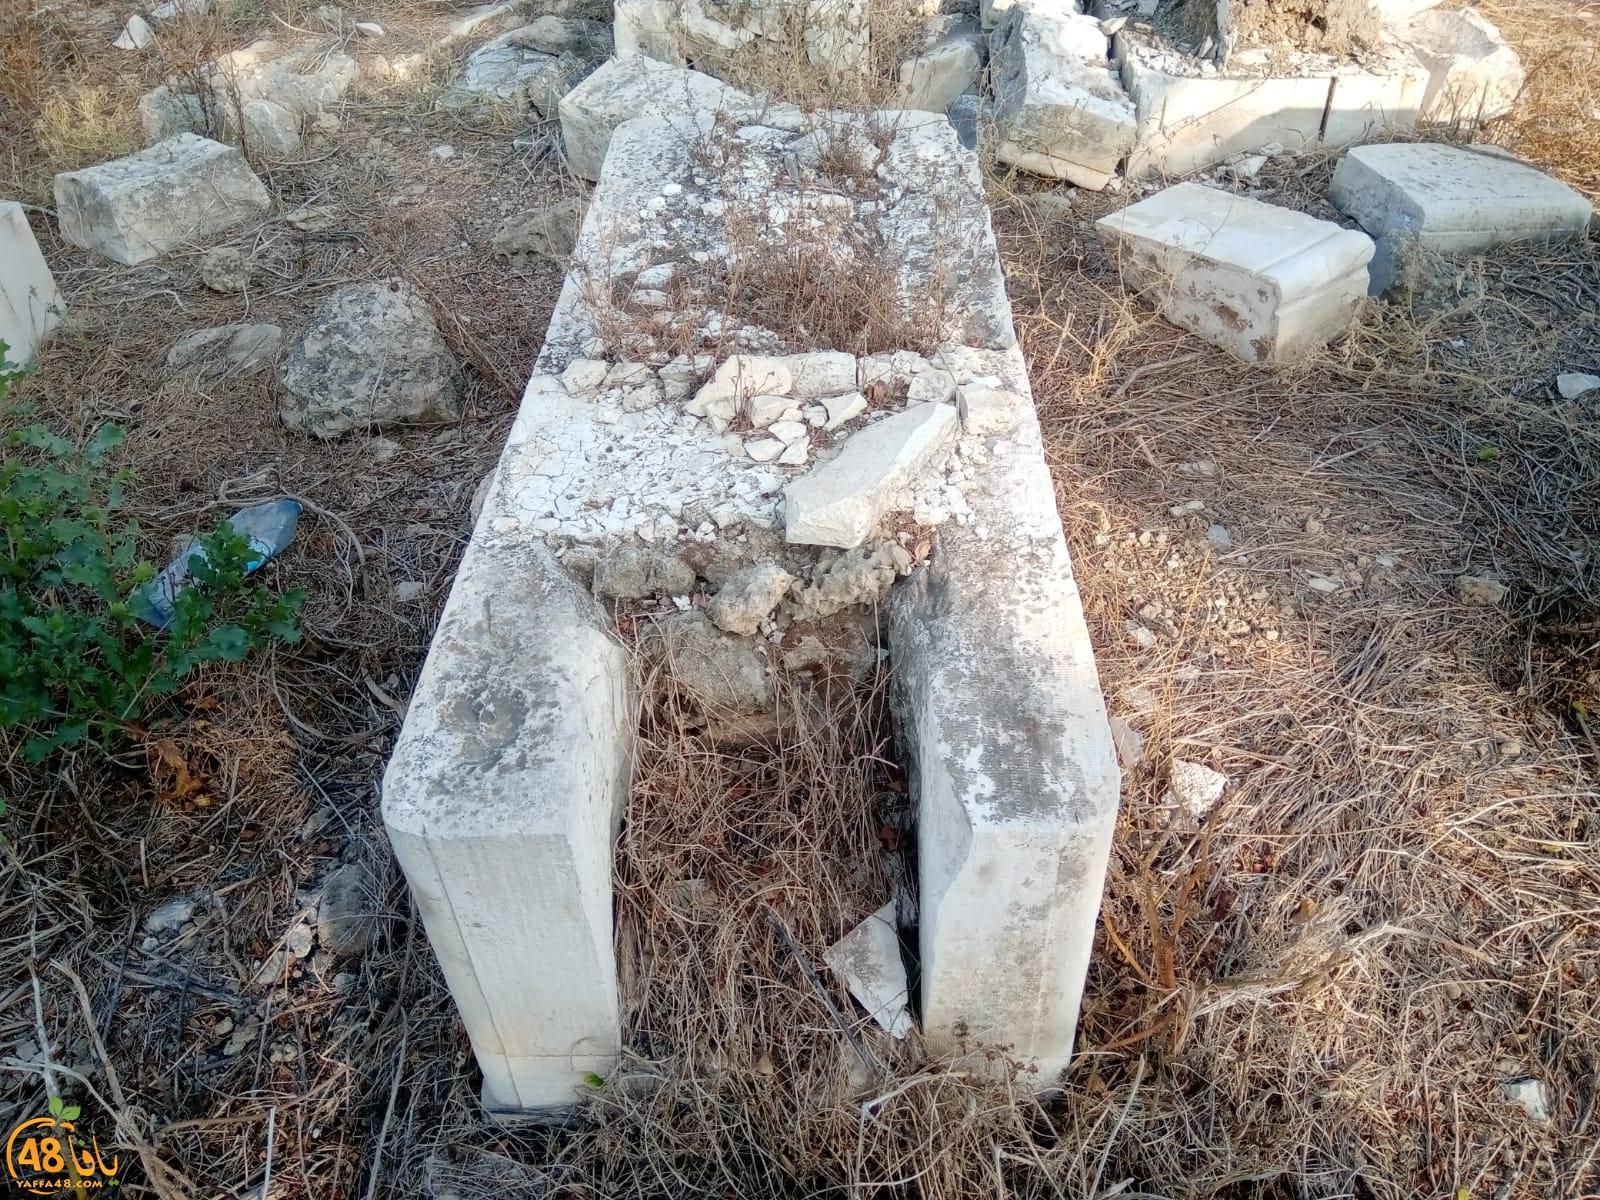 غداً: دعوة الأهالي للمشاركة في حملة تنظيف مقبرة الشيخ مراد بيافا